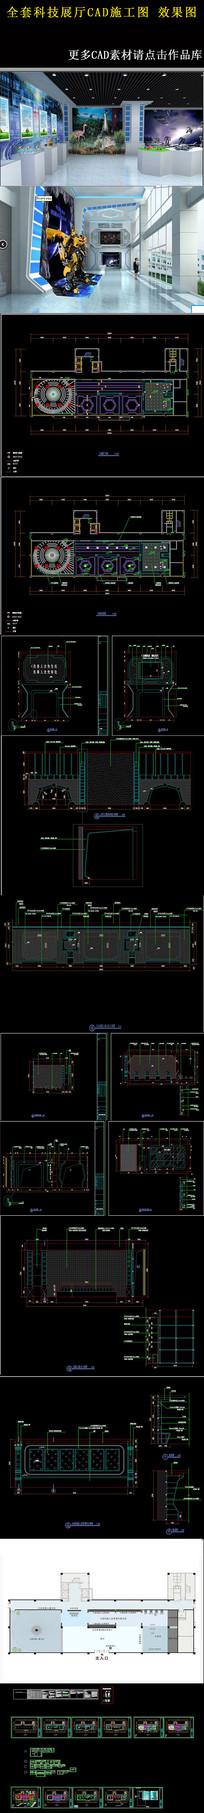 科技展厅CAD施工图 效果图